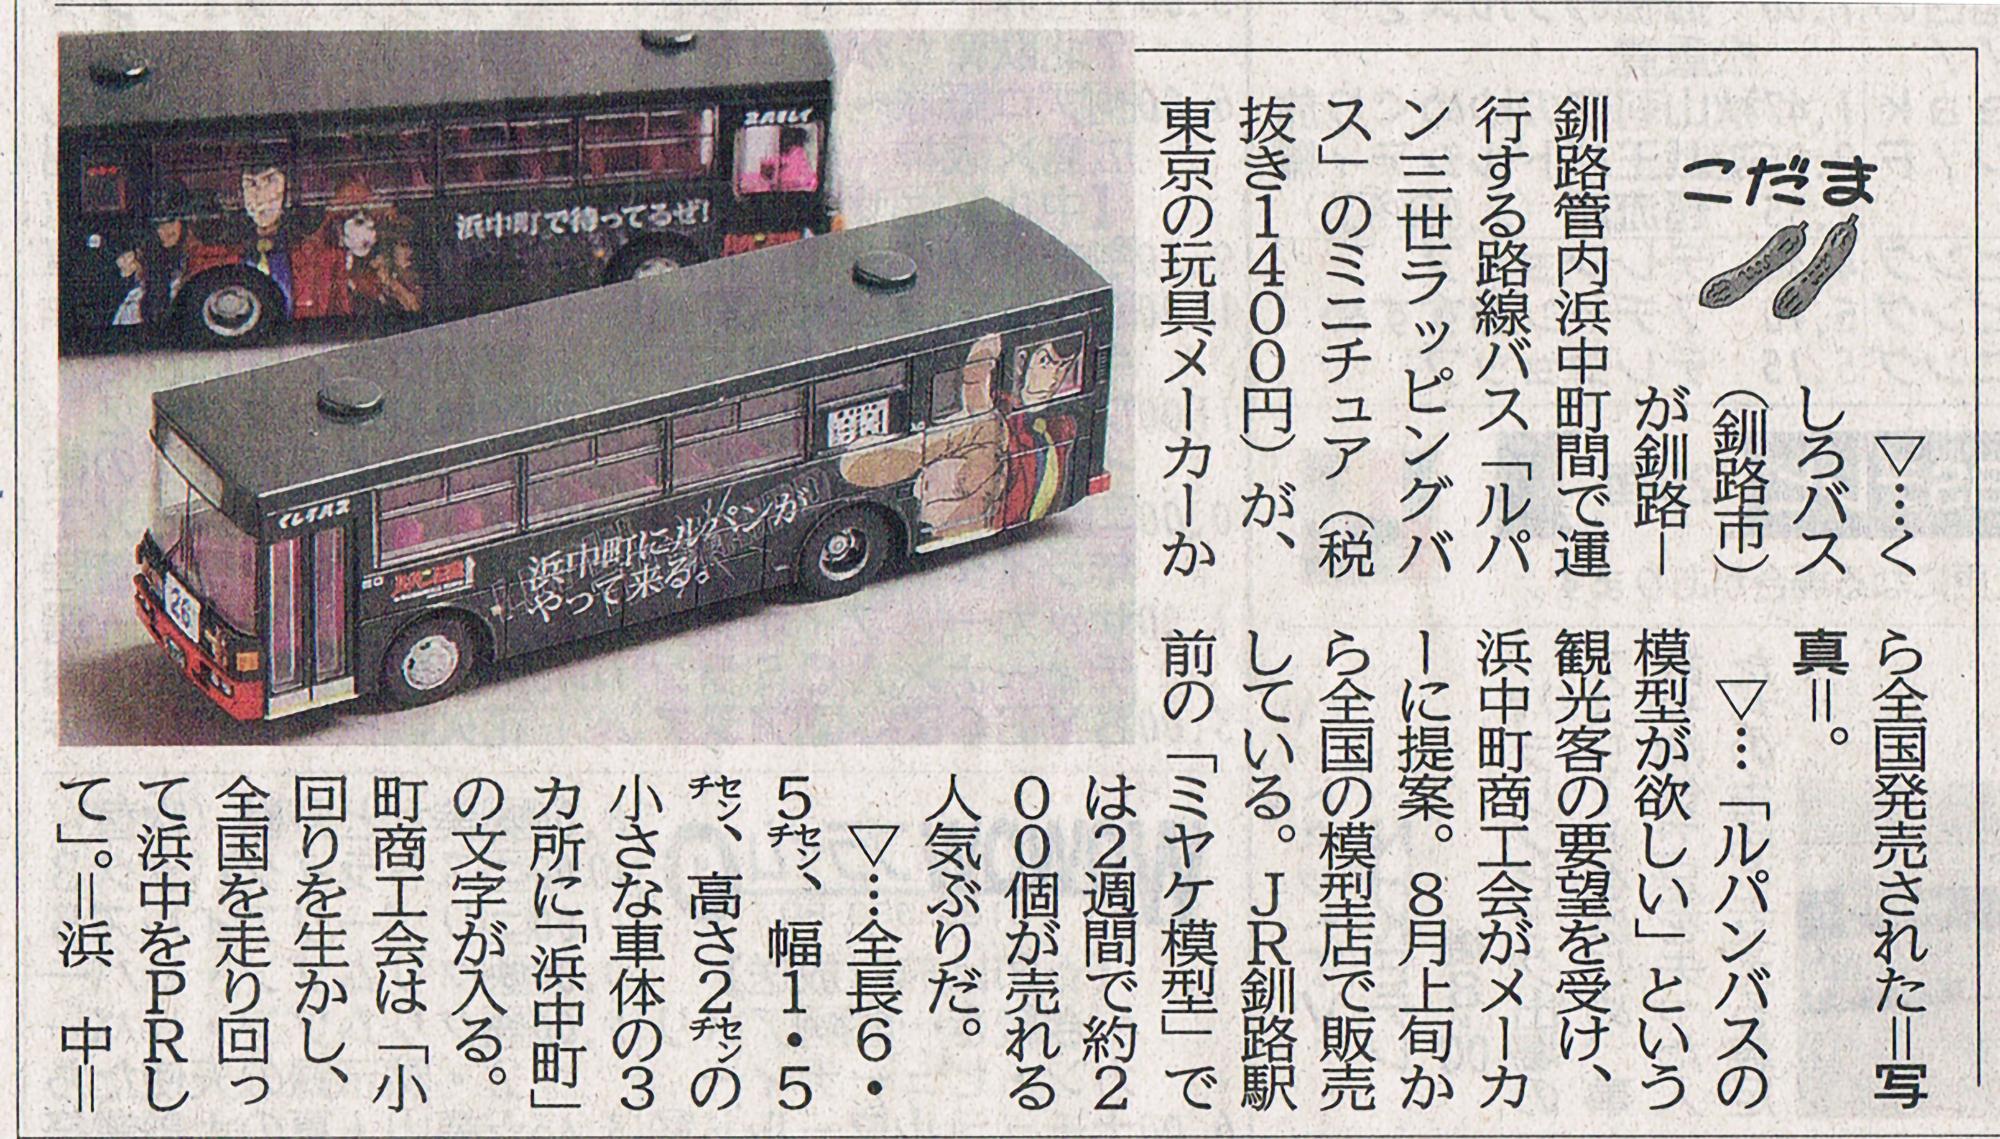 2015-8-27北海道新聞朝刊